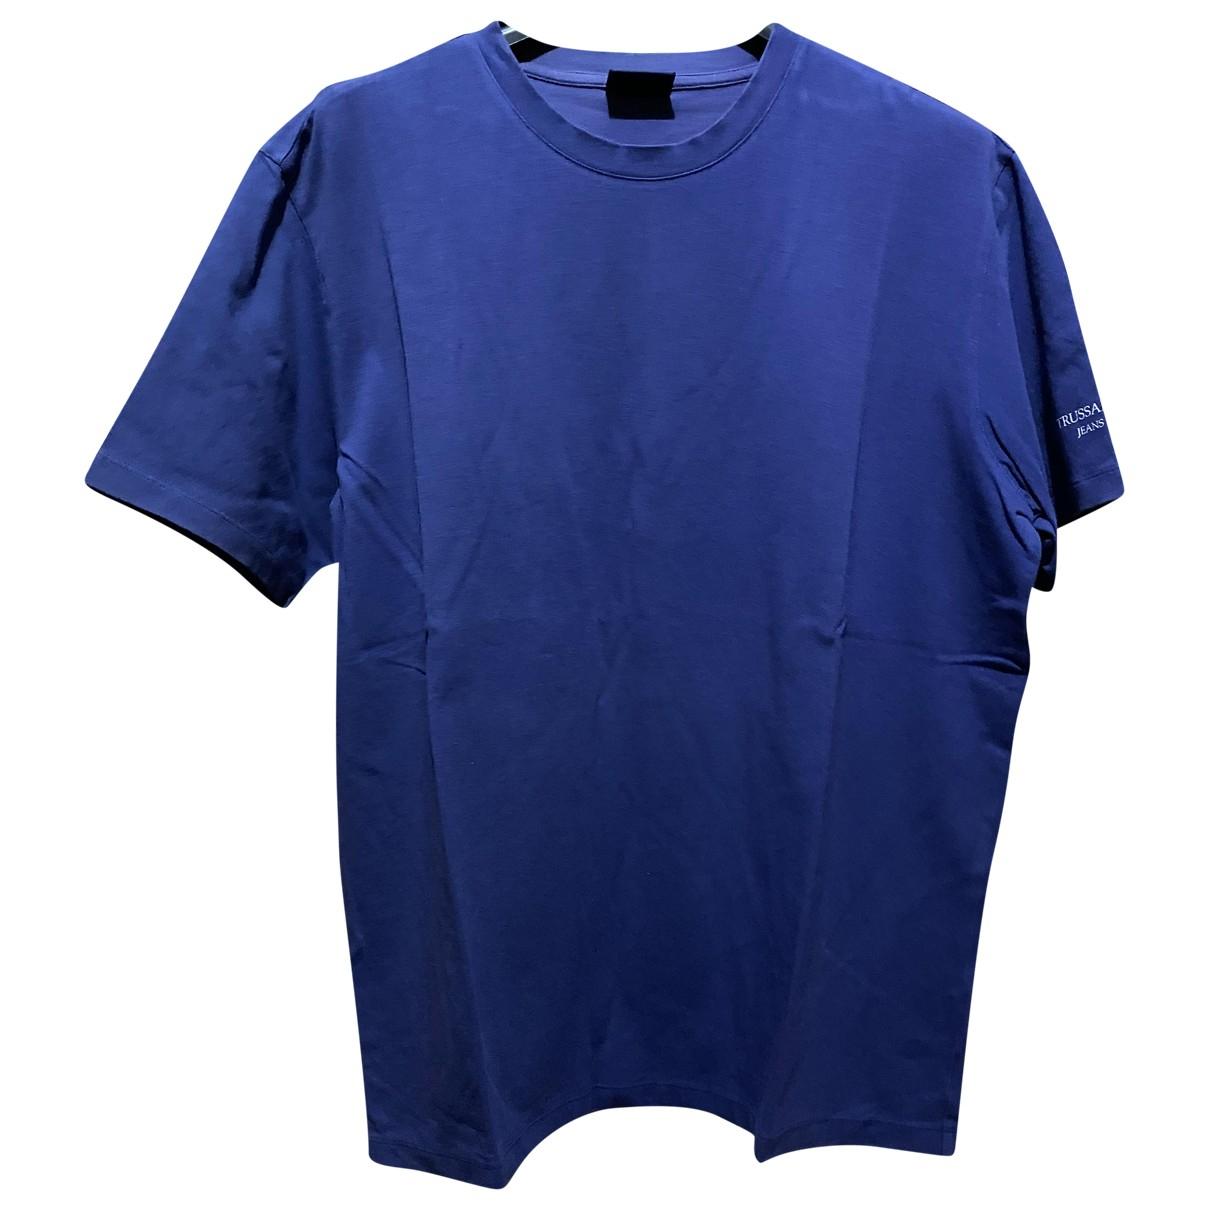 Trussardi Jean - Tee shirts   pour homme en autre - violet